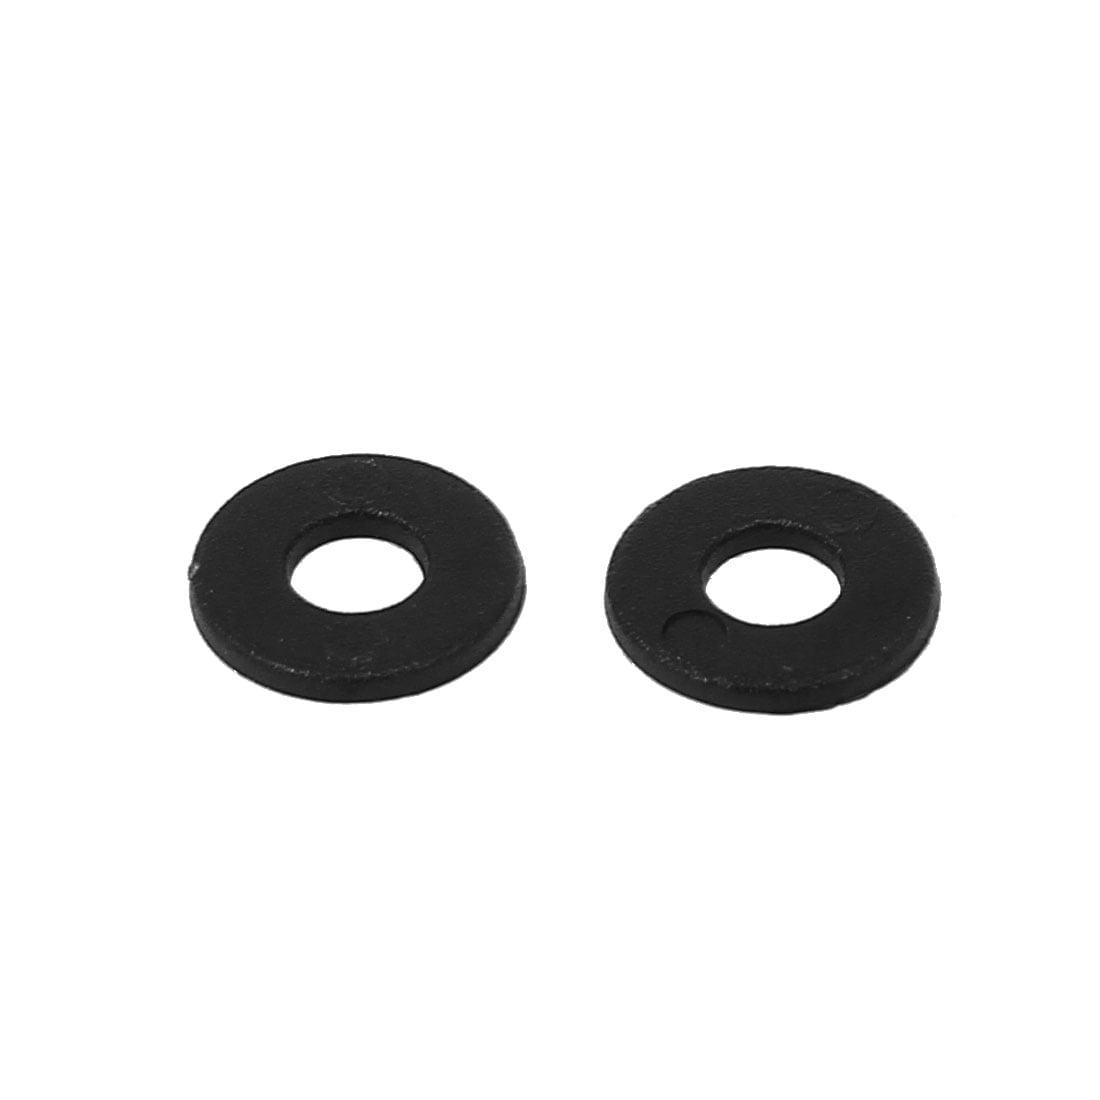 M4x10mmx1mm Plastique Rond Plat Joint Rondelle Entretoise Joint Noir 200Pcs